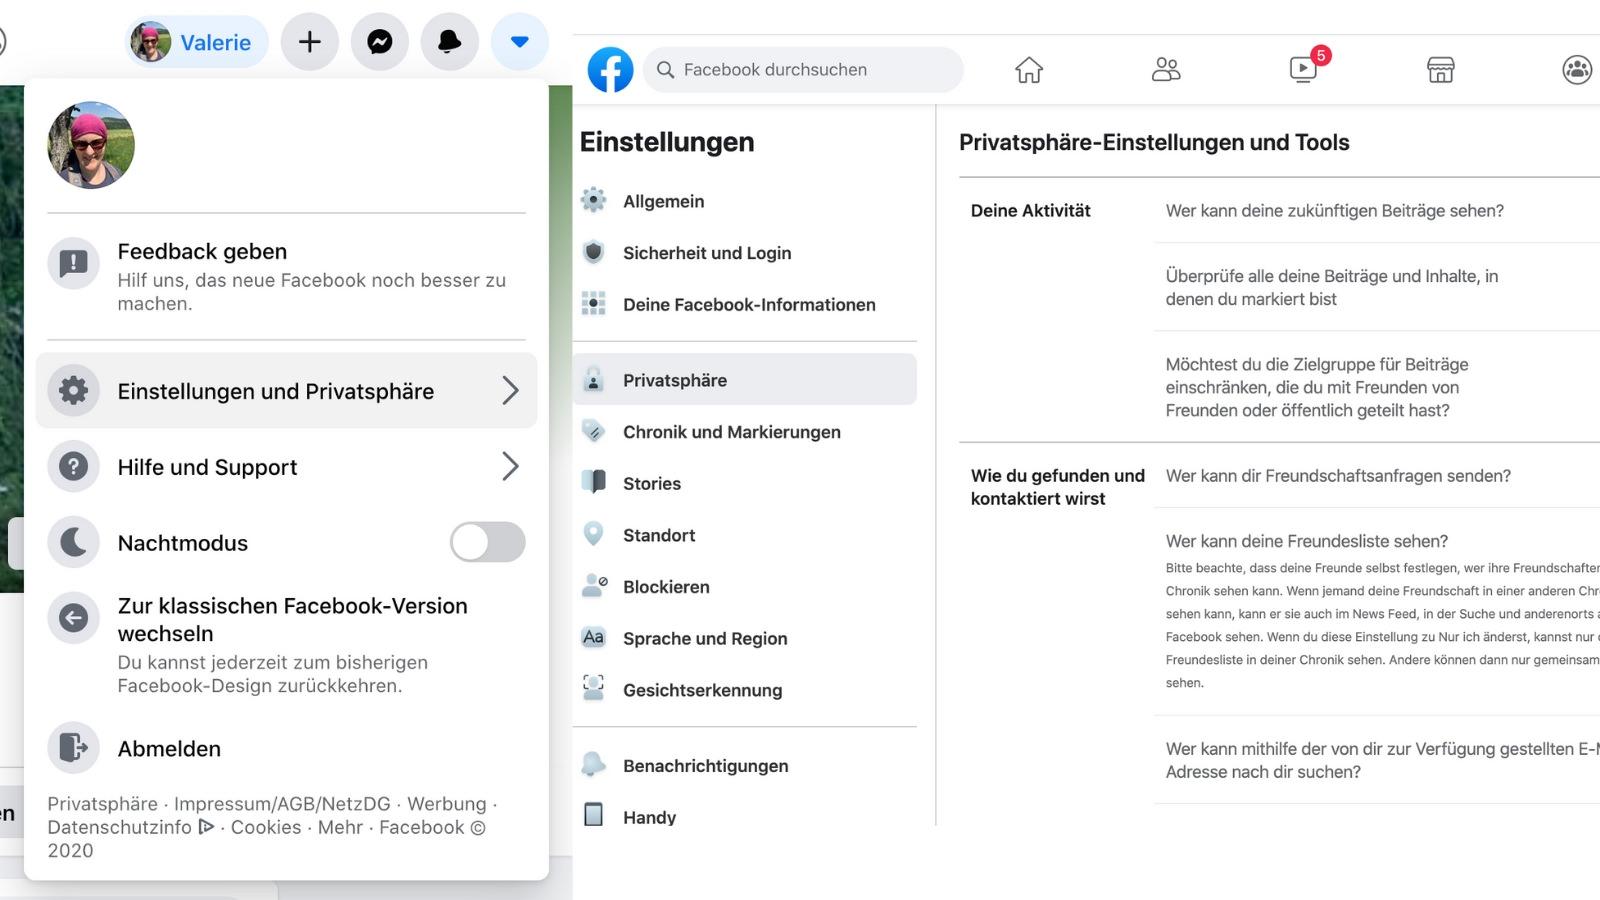 """Über den Pfeil rechts oben und das Dropdown-Menü am Desktop kommt man zu den Einstellungen. Über """"Einstellungen und Privatsphäre"""" können diese angepasst werden. (Screenshot: Valerie Wagner)"""